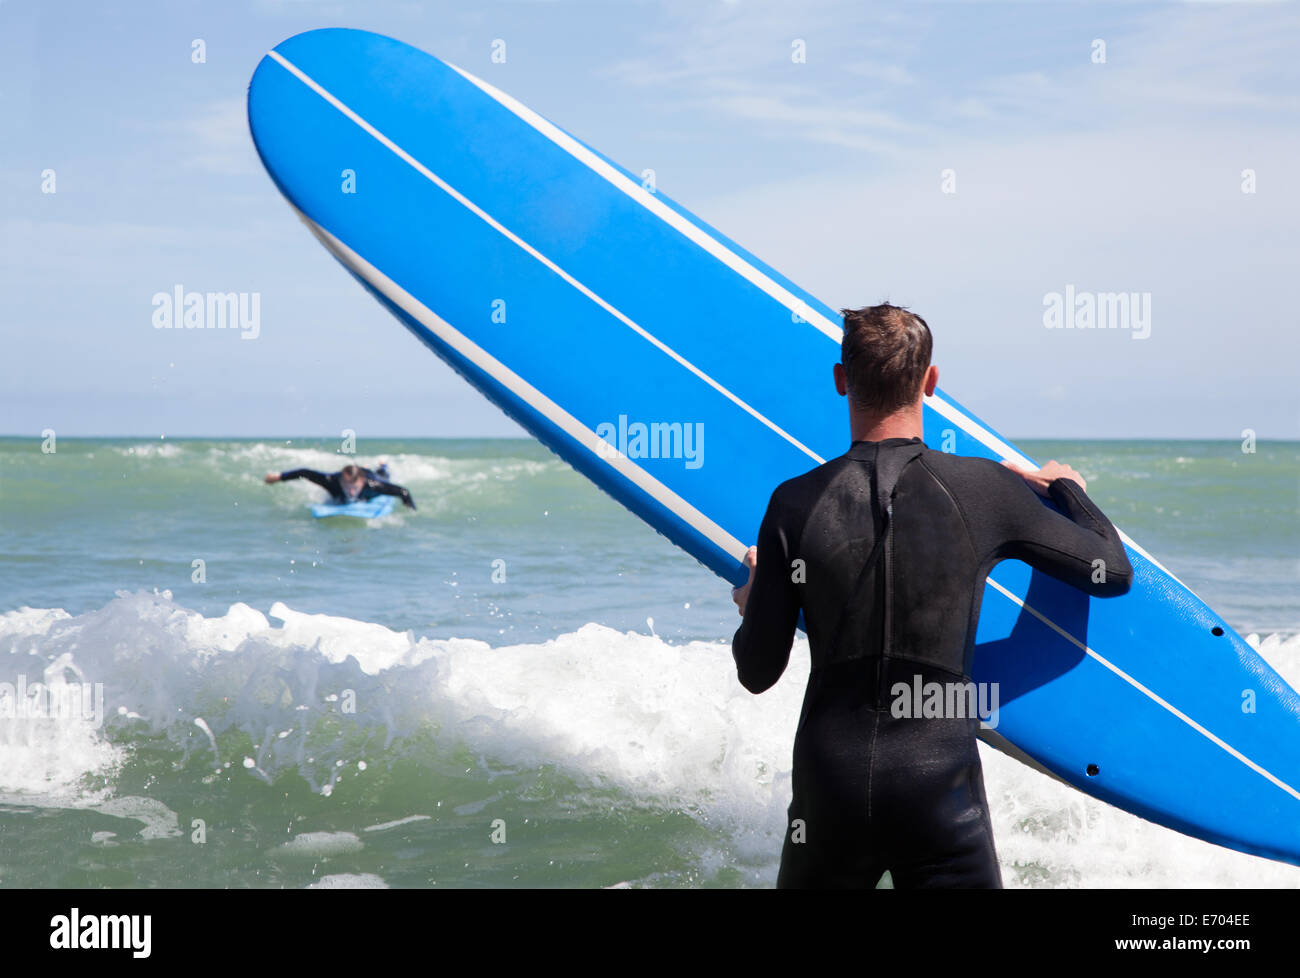 Vista posteriore del surfista maschio con la tavola da surf a guardare un amico surf Immagini Stock